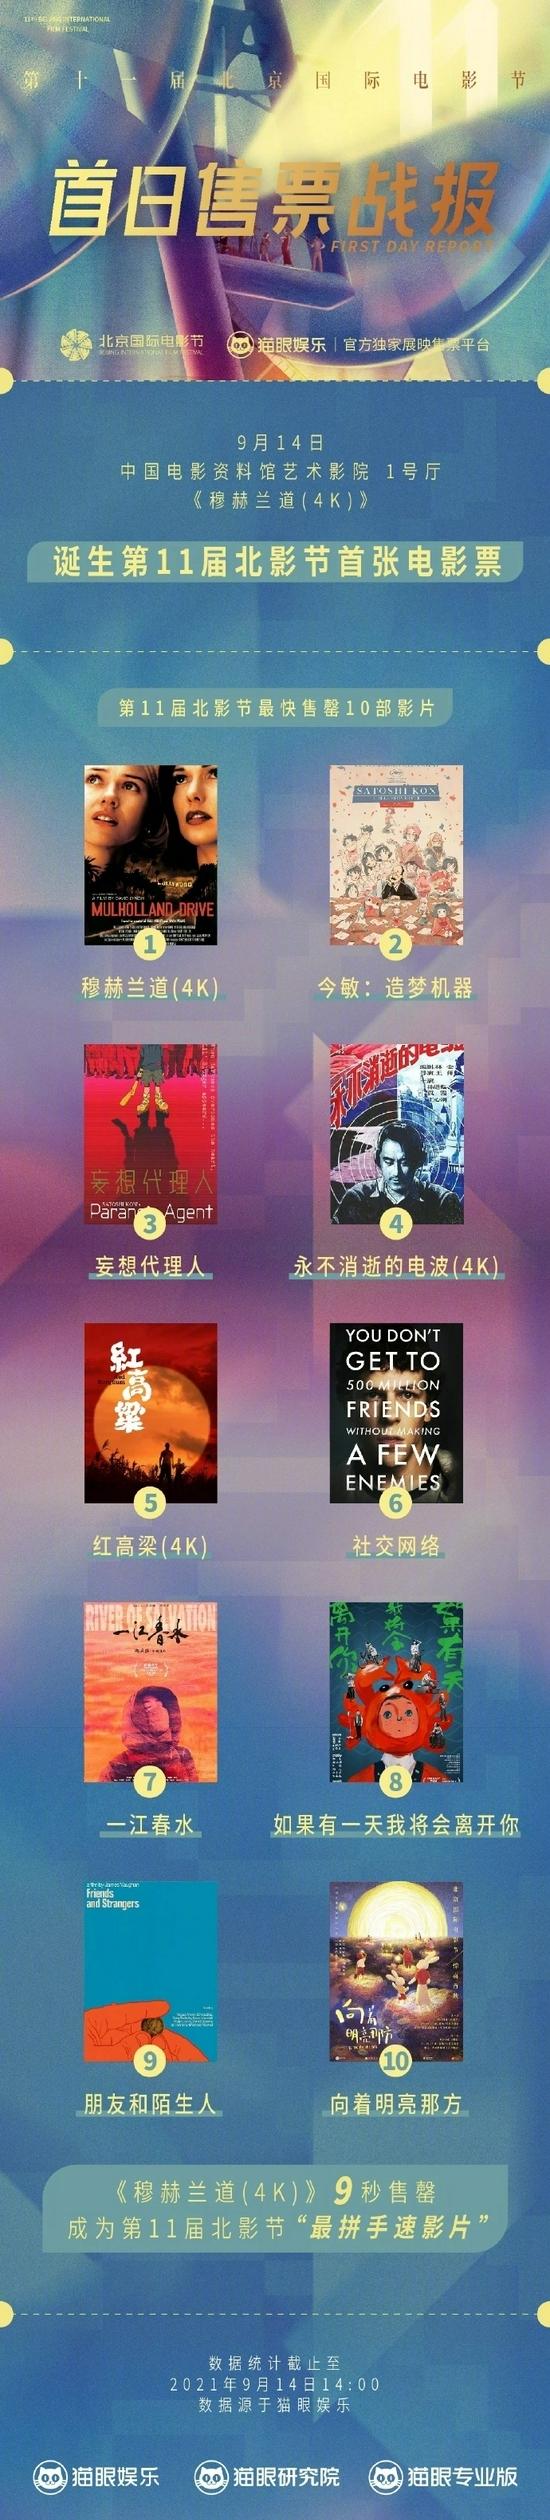 """北影节首日售票战报出炉 《穆赫兰道》9秒售罄成""""最拼手速影片"""""""